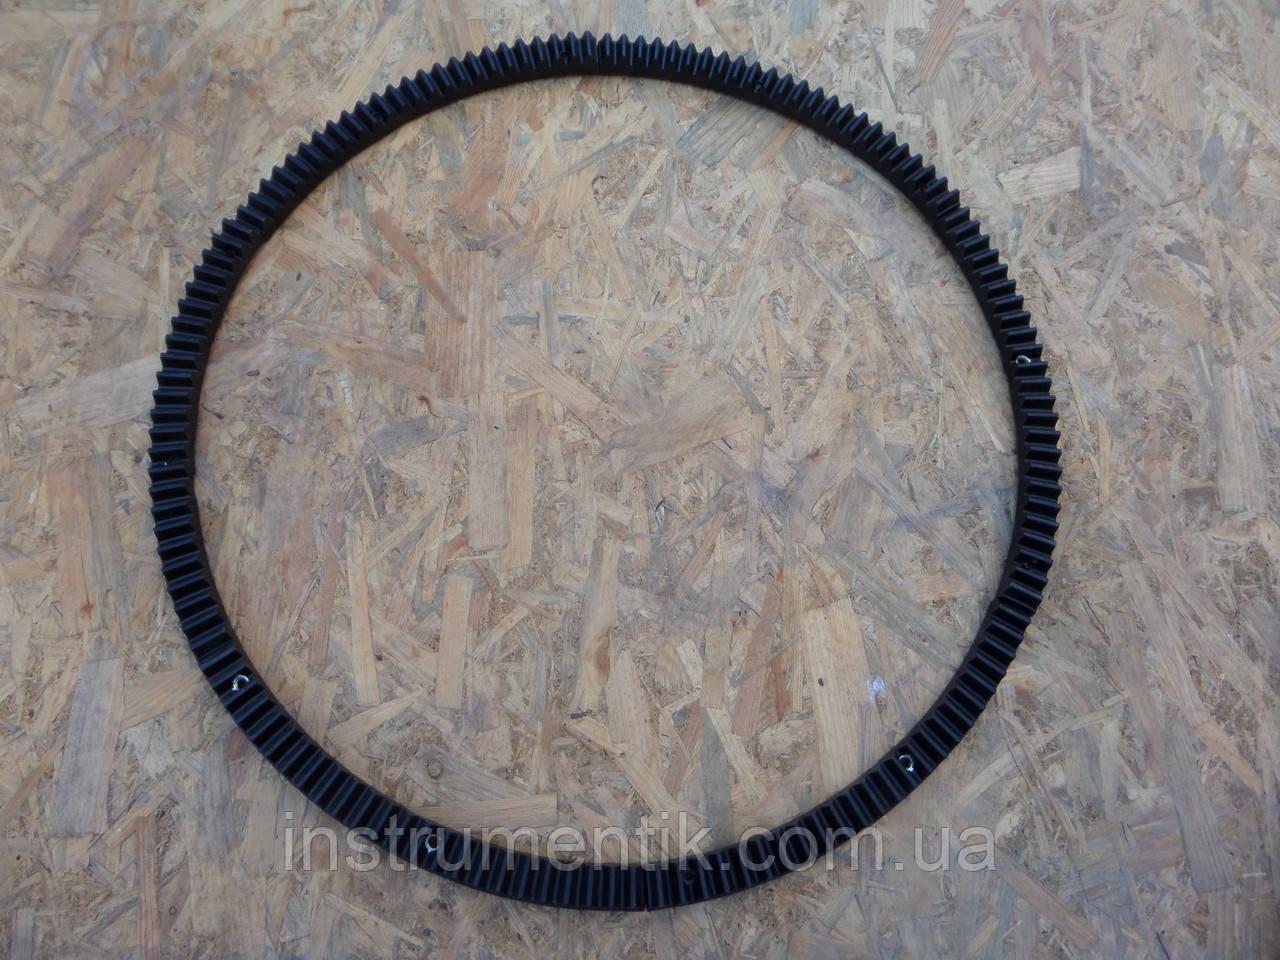 Венец для бетономешалки Вектор-08 130 БРС